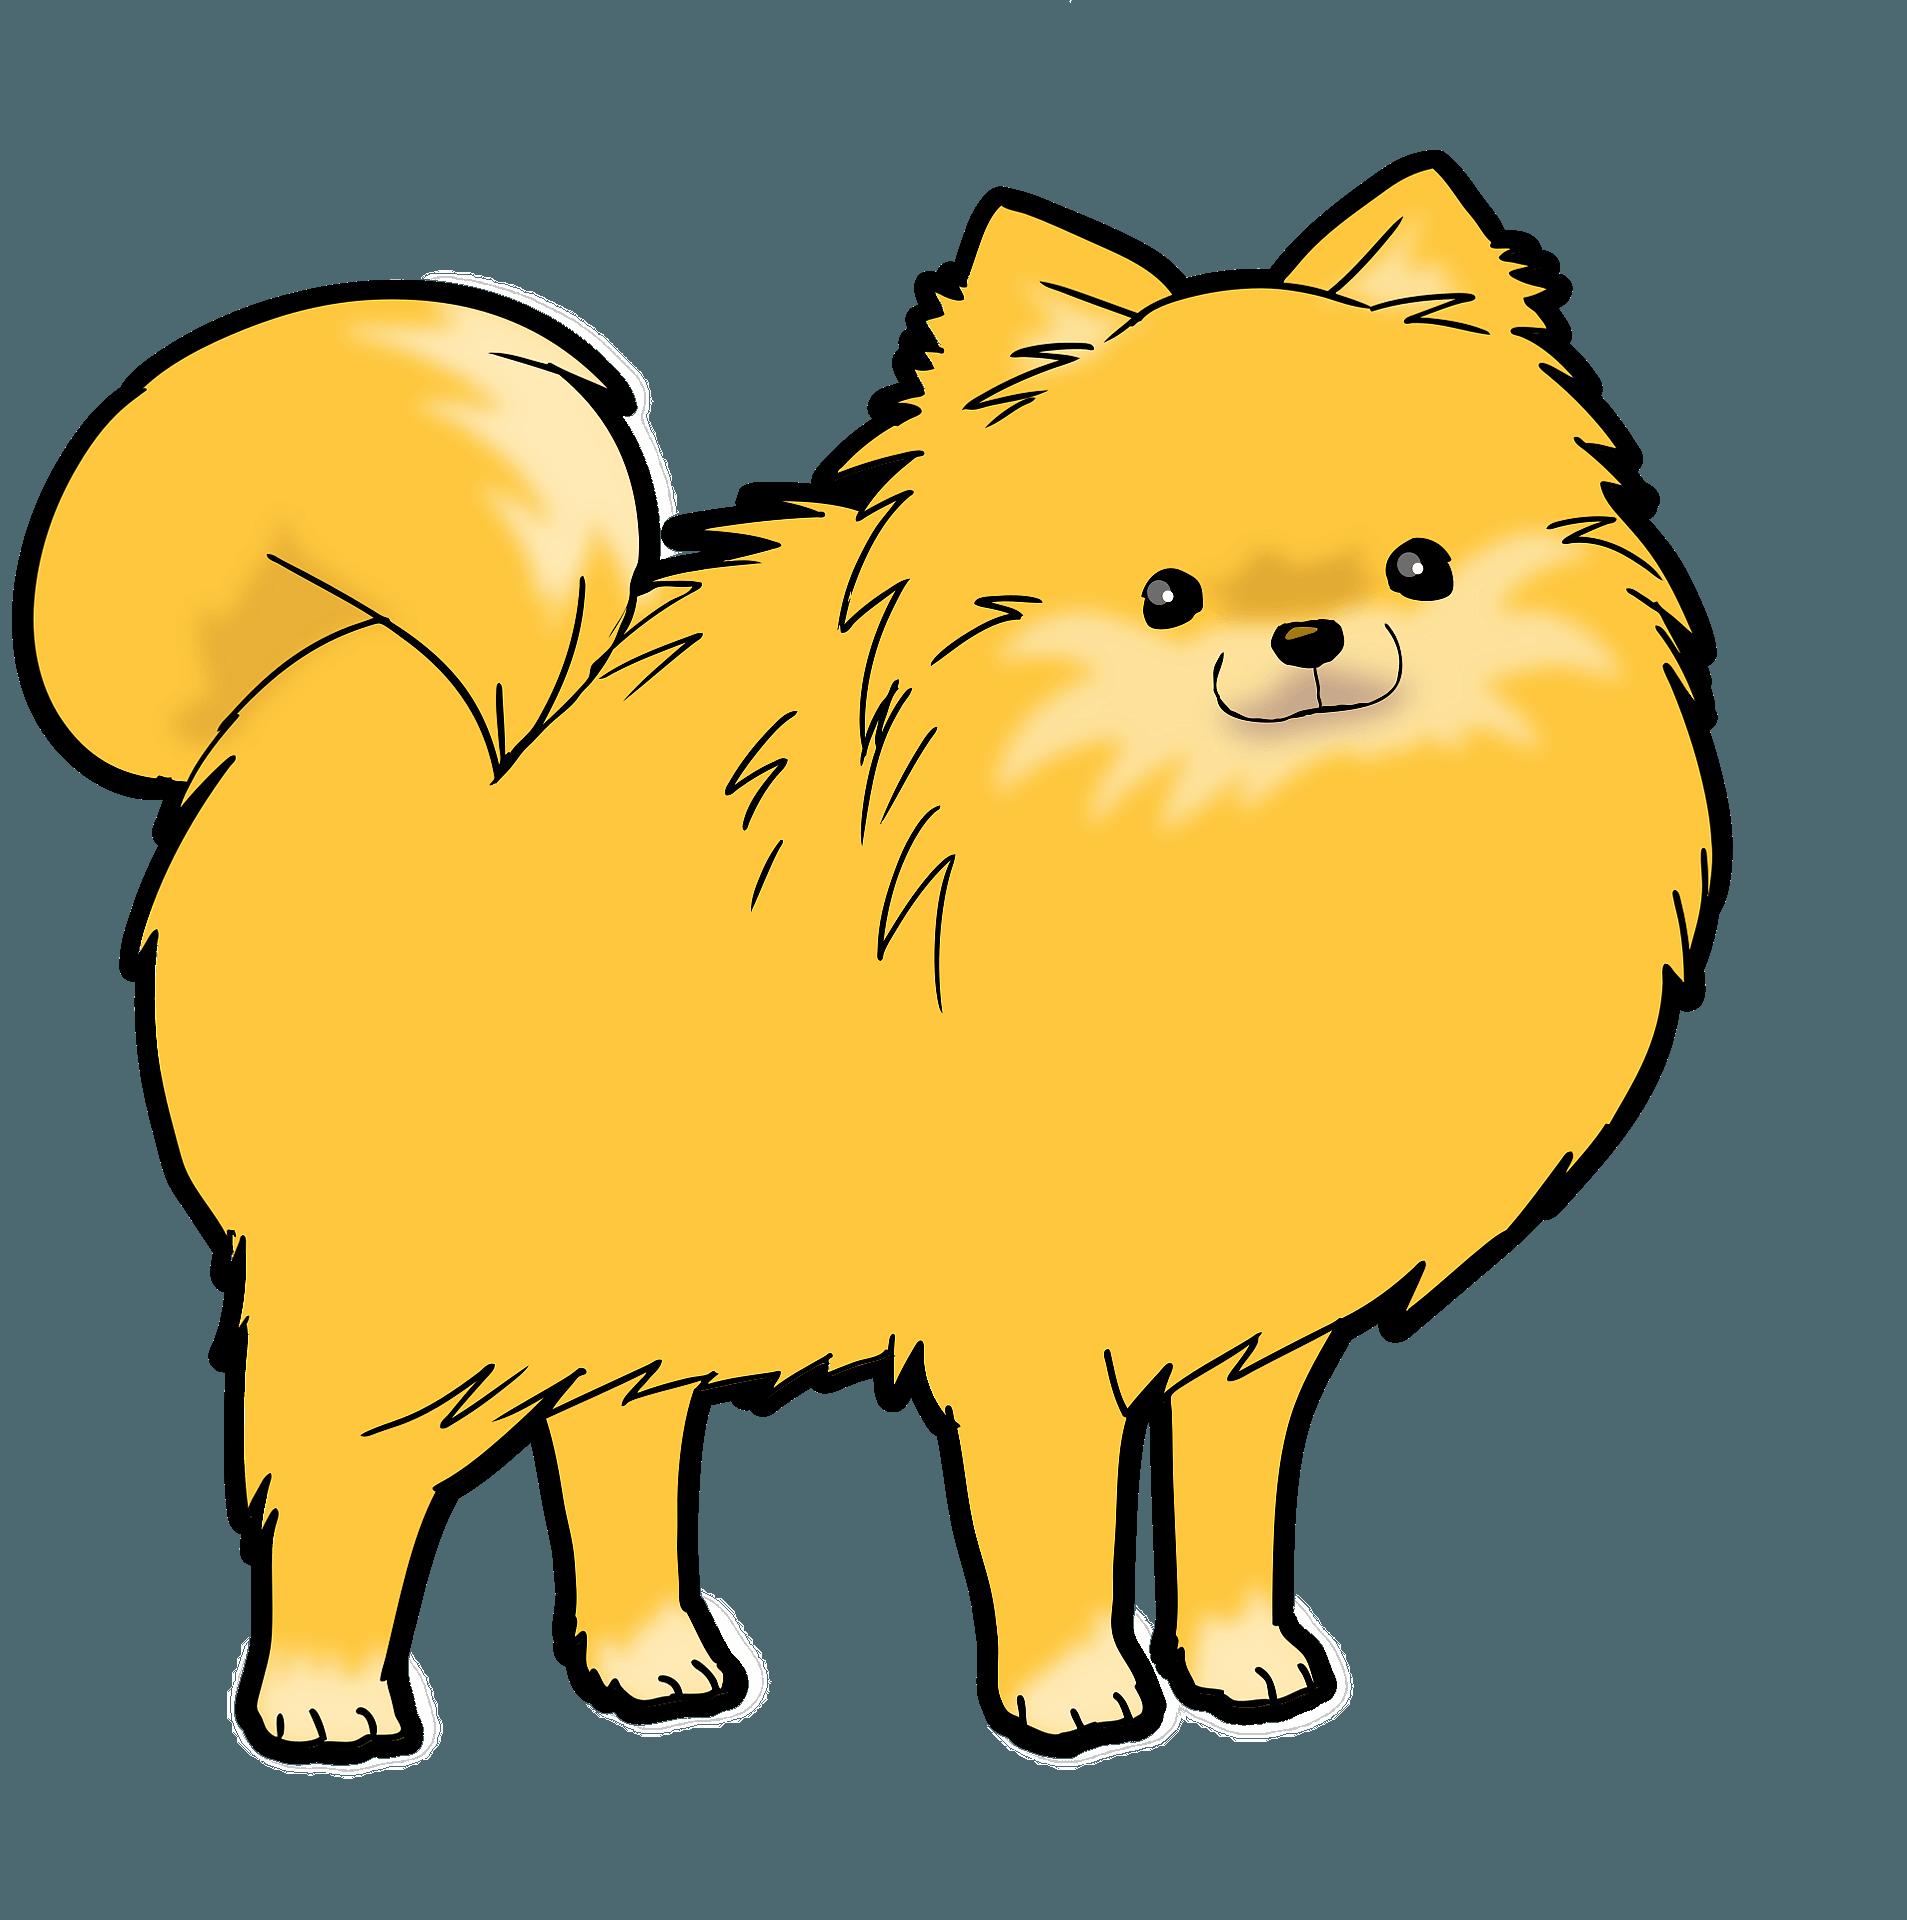 Pomeranian Dog Clipart Free Download Transparent Png Creazilla